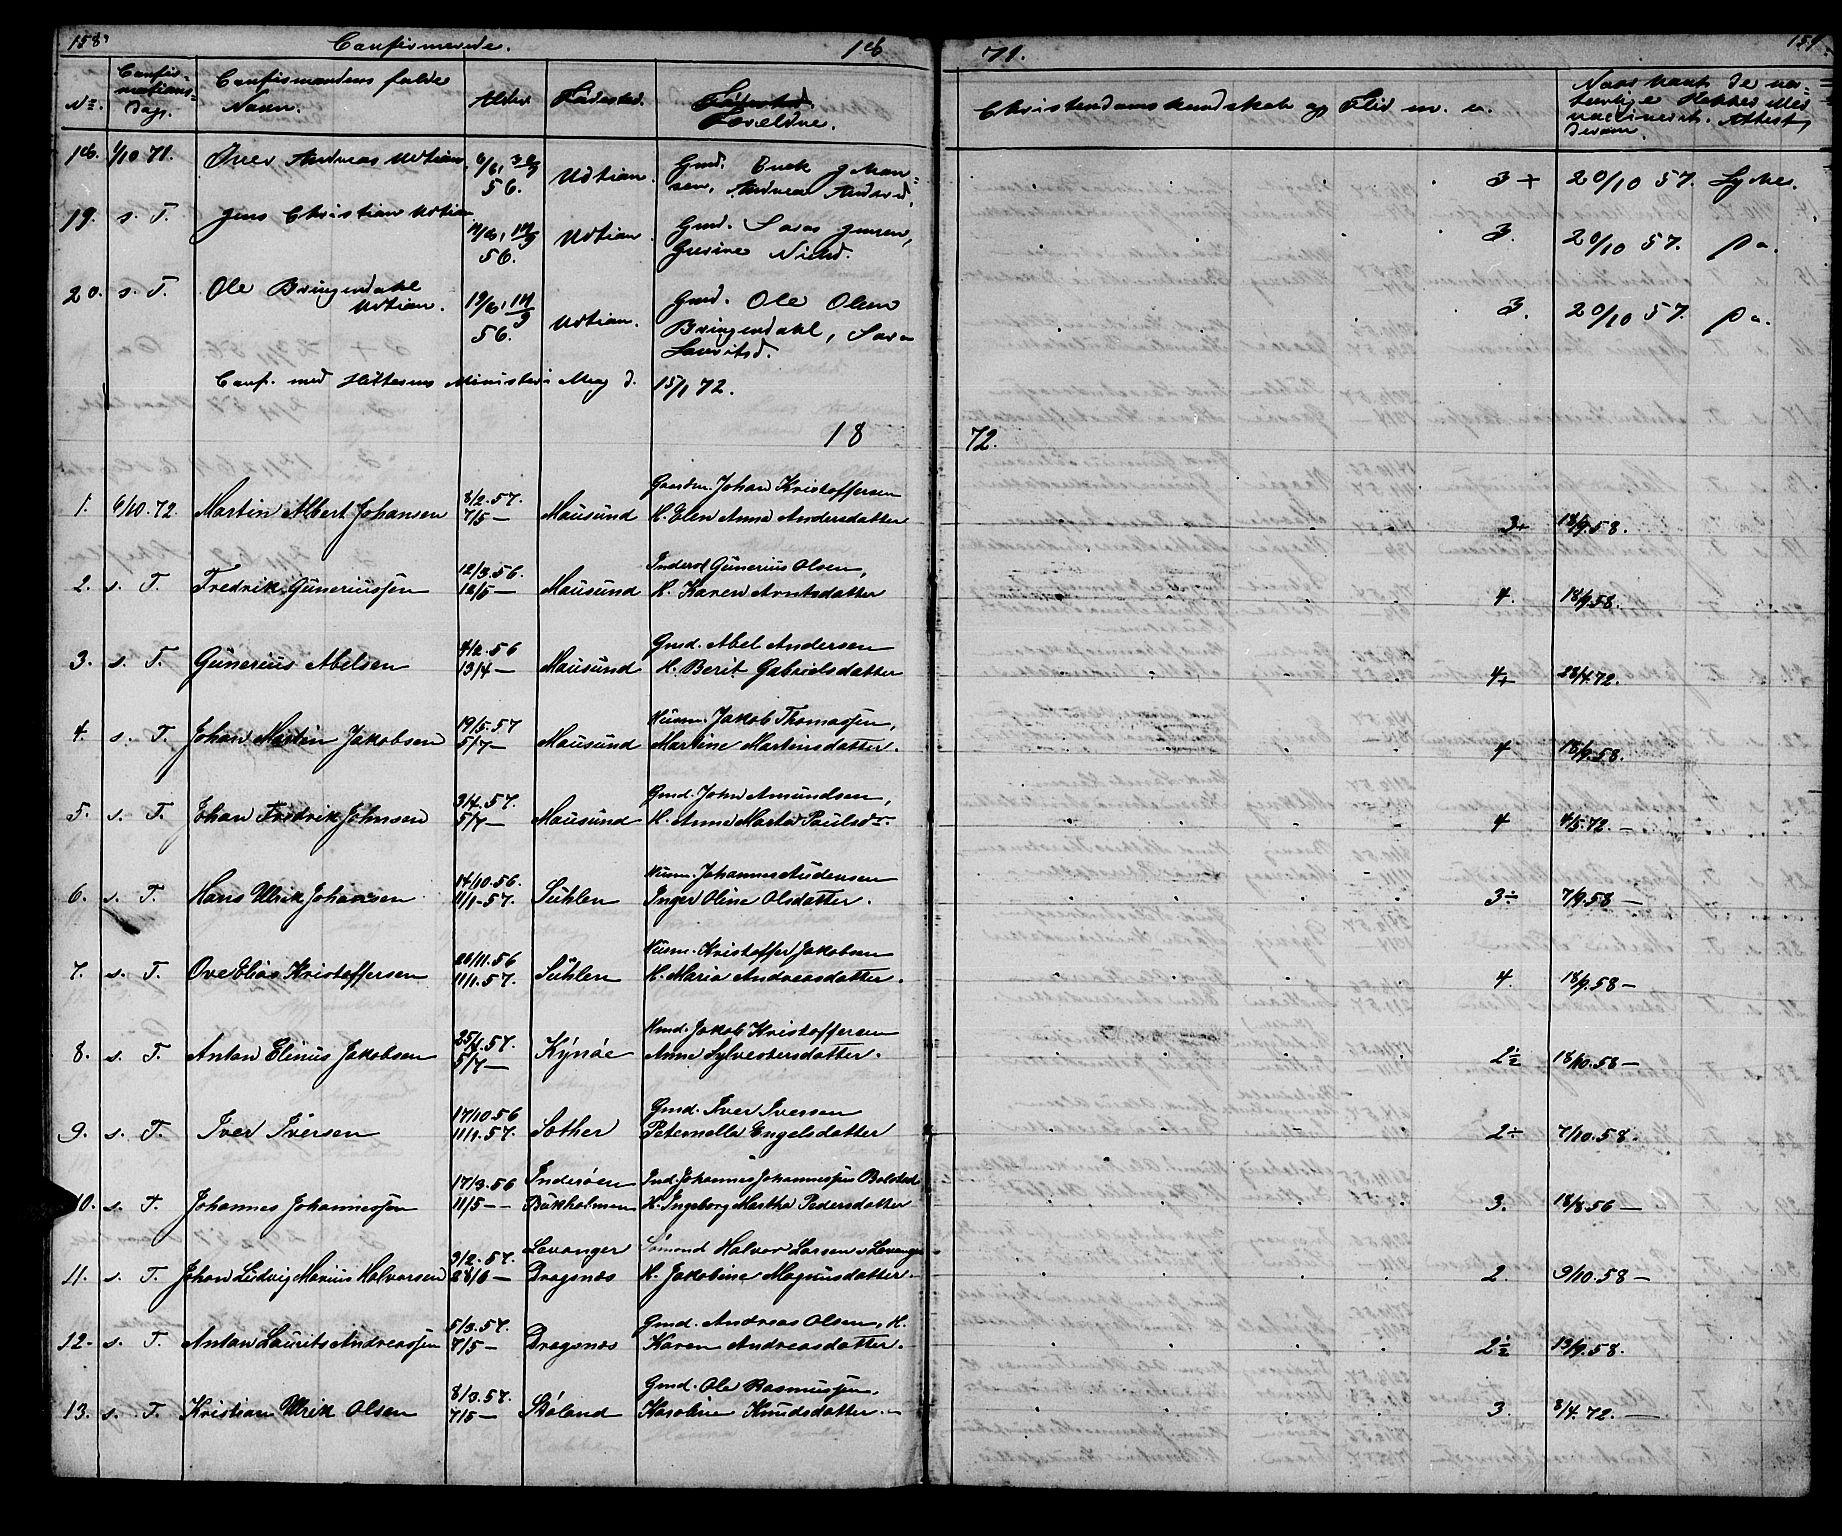 SAT, Ministerialprotokoller, klokkerbøker og fødselsregistre - Sør-Trøndelag, 640/L0583: Klokkerbok nr. 640C01, 1866-1877, s. 158-159